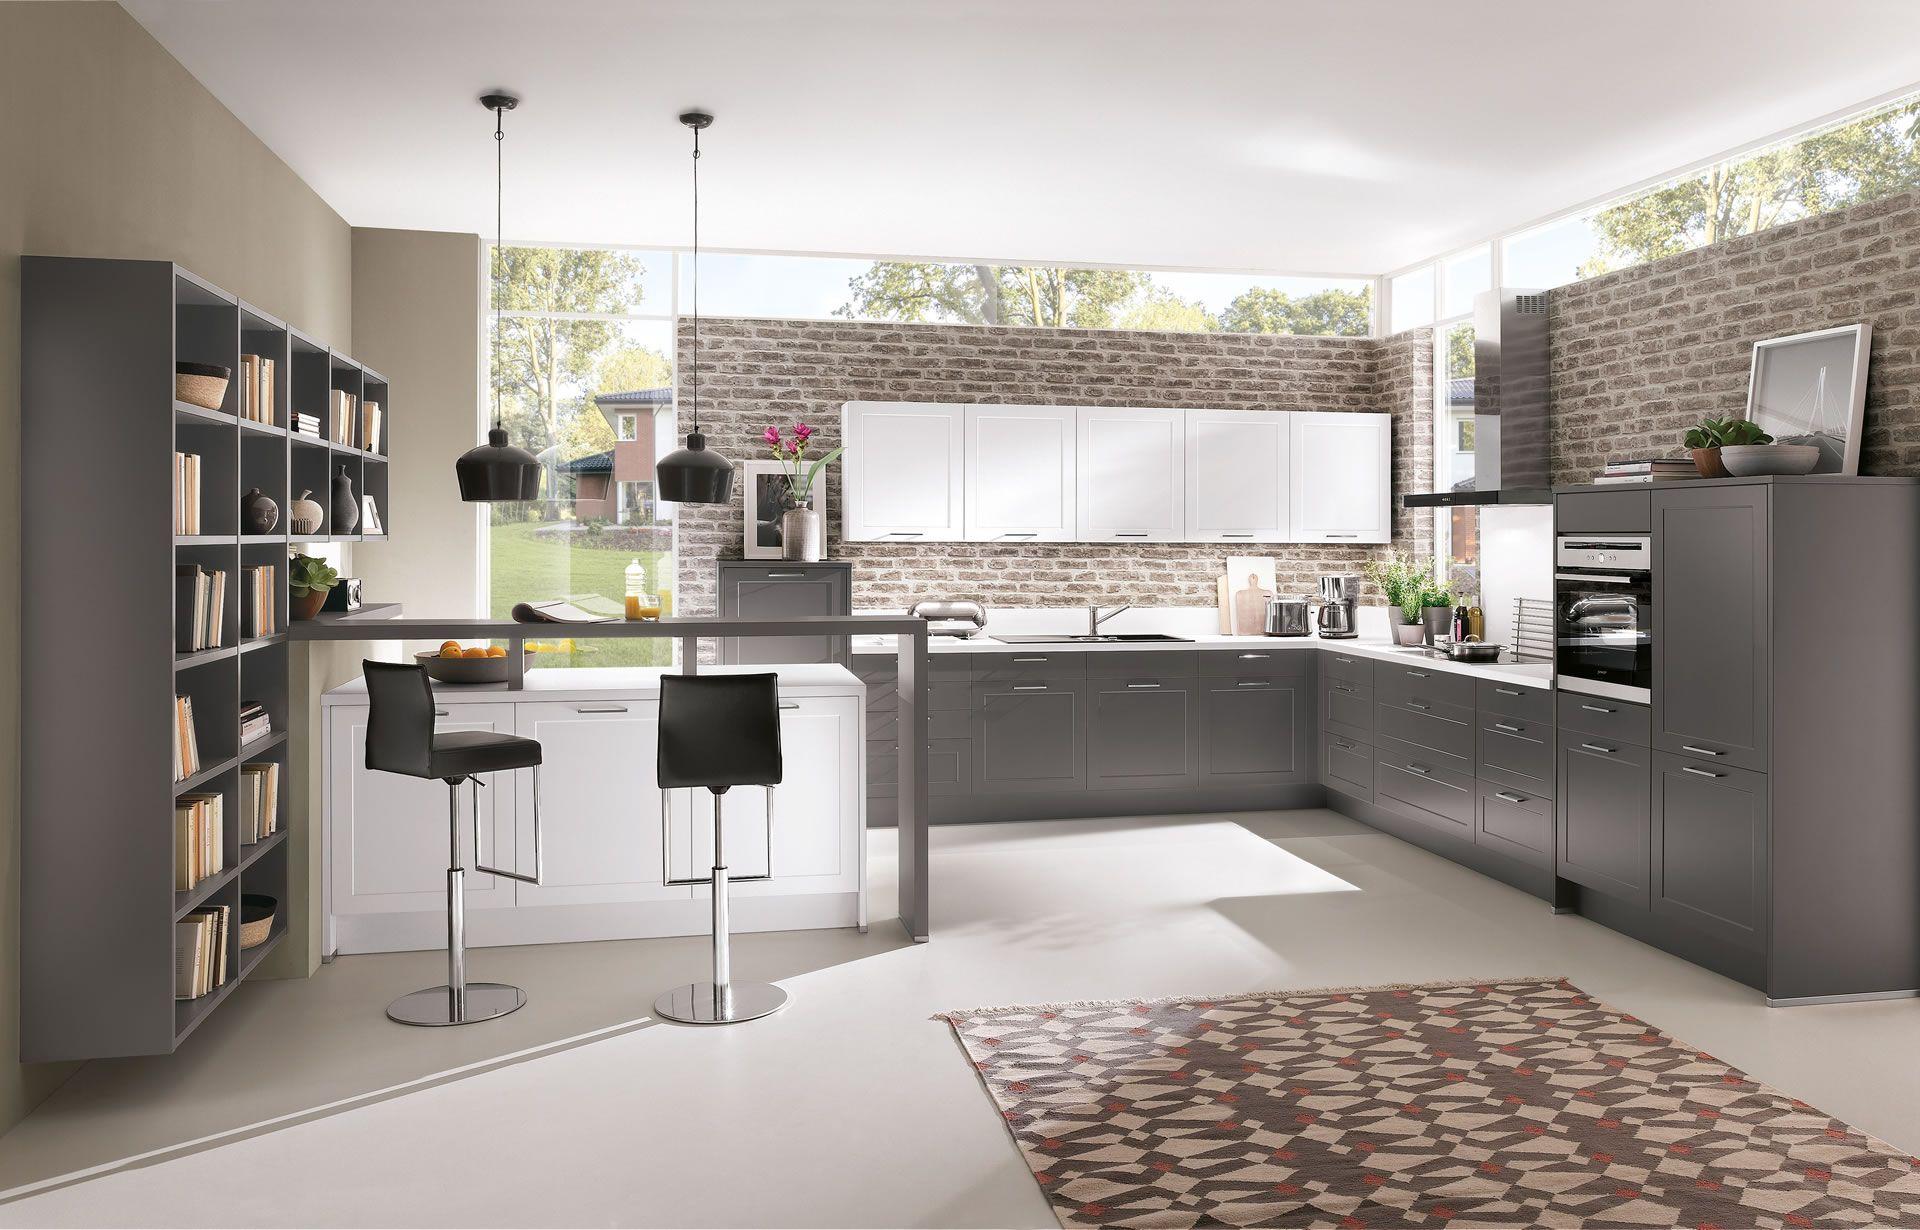 nobilia Küchen - nobilia | Produkte | Uni farbig | Wohnen ...